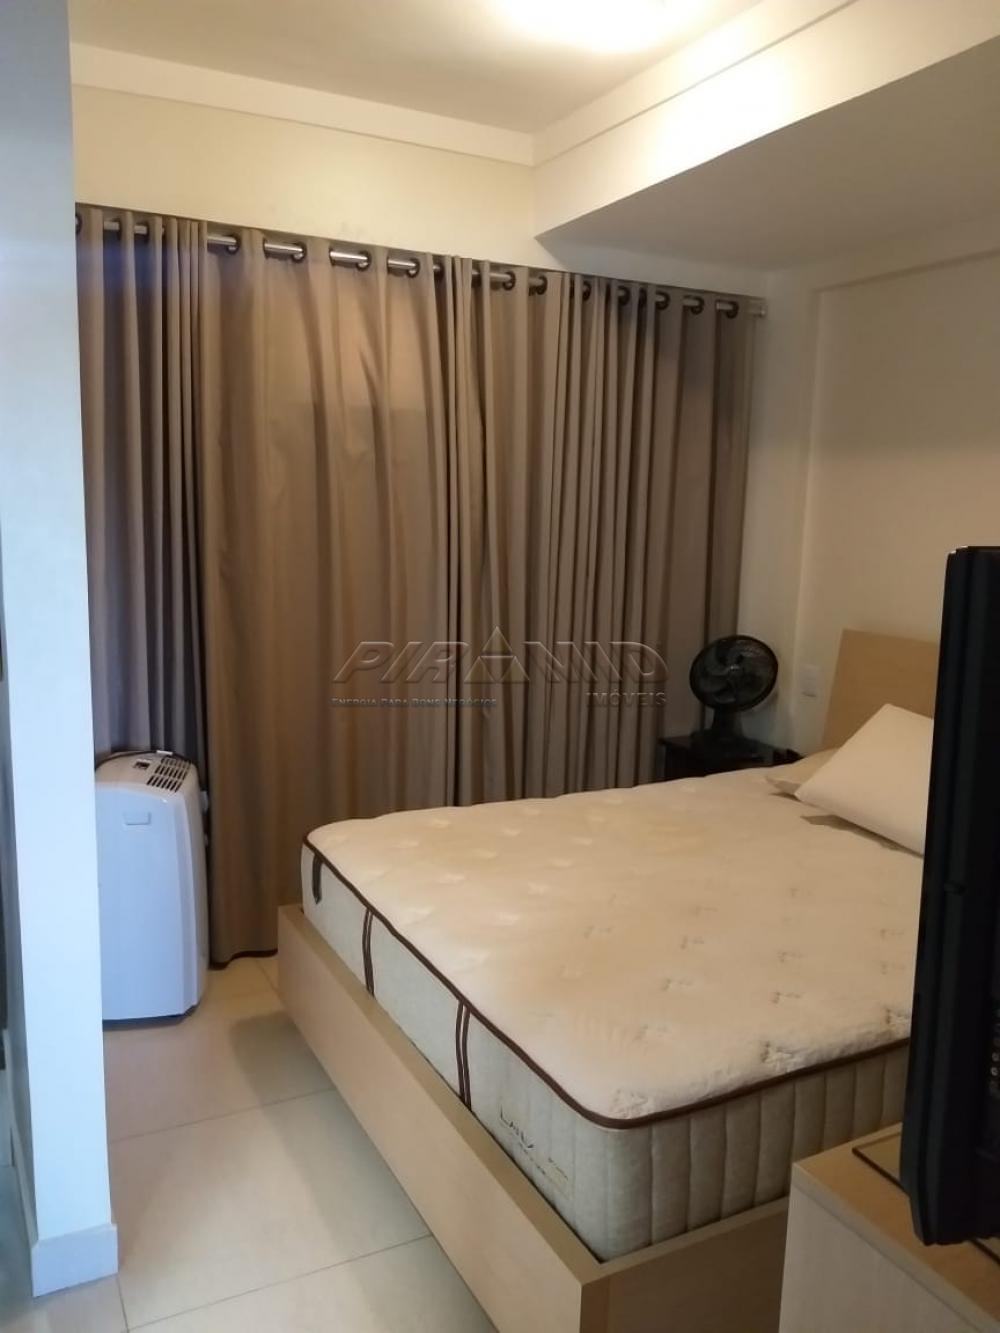 Comprar Apartamento / Padrão em Ribeirão Preto apenas R$ 435.000,00 - Foto 10